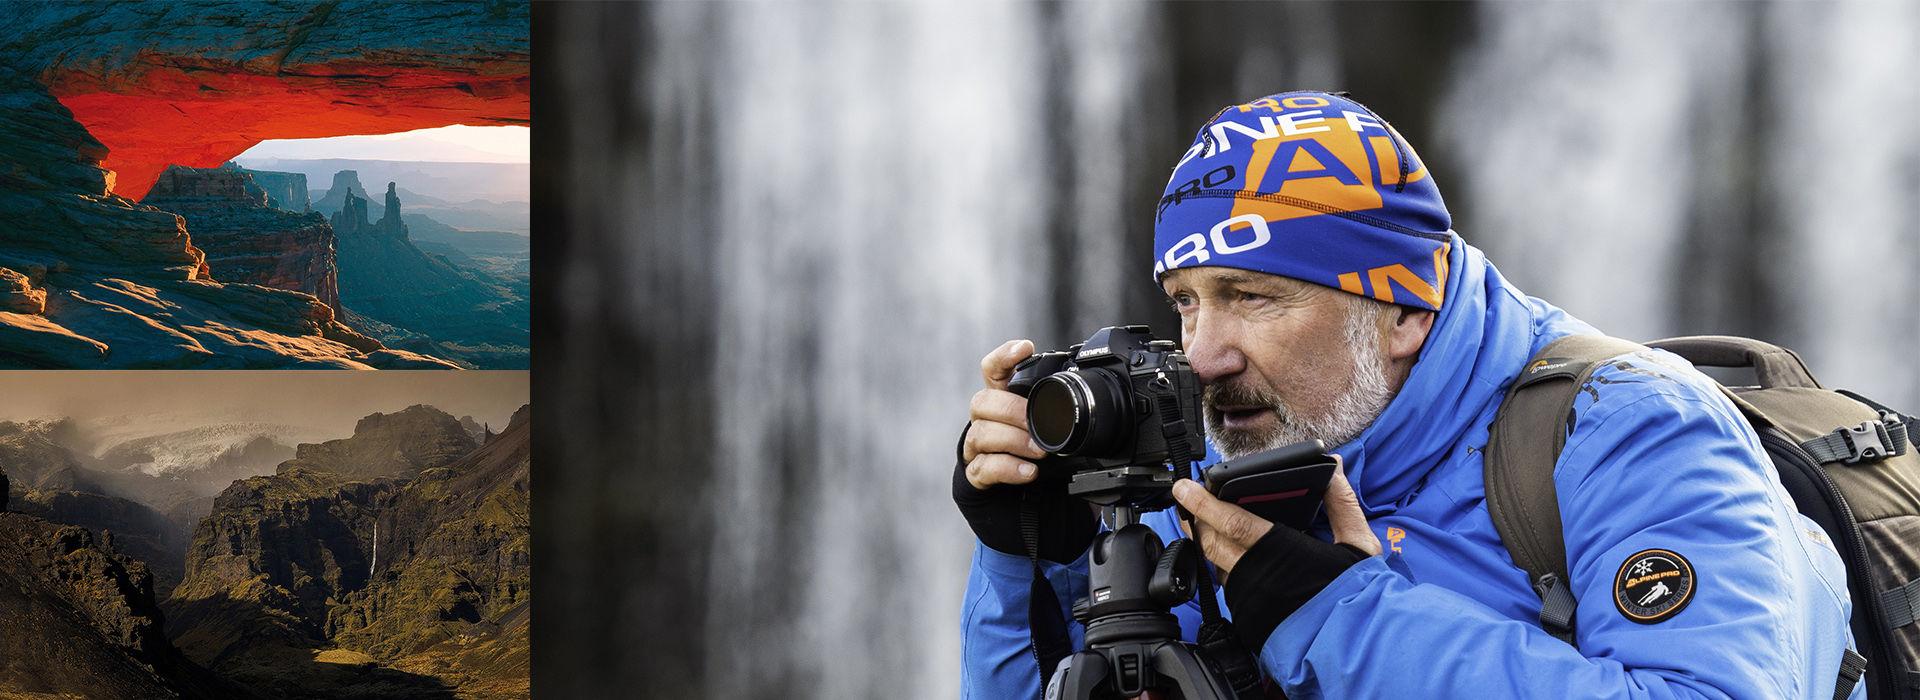 Jiří Kolbaba – ZRUŠENO- hledáme náhradní termín